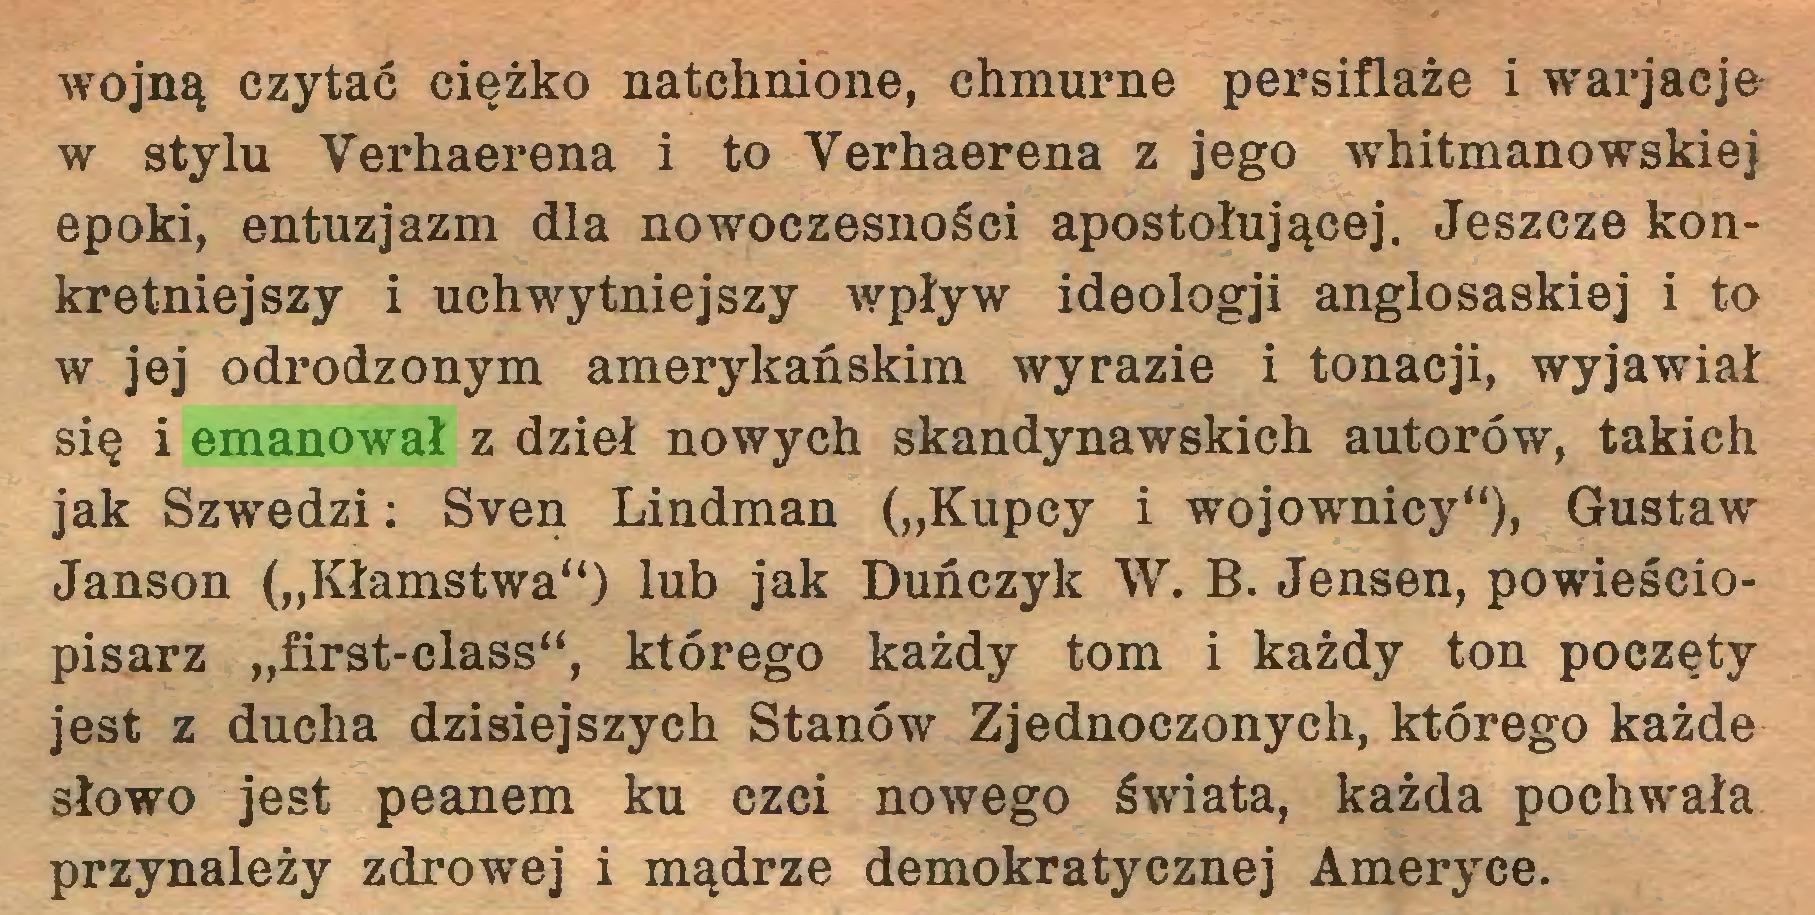 """(...) wojną czytać ciężko natchnione, chmurne persiflaże i warjacje w stylu Verhaerena i to Yerhaerena z jego whitmanowskiej epoki, entuzjazm dla nowoczesności apostołującej. Jeszcze konkretniejszy i uchwytniejszy wpływ ideologji anglosaskiej i to w jej odrodzonym amerykańskim wyrazie i tonacji, wyjawiał się i emanował z dzieł nowych skandynawskich autorów, takich jak Szwedzi: Sven Lindman (""""Kupcy i wojownicy""""), Gustaw Janson (""""Kłamstwa"""") lub jak Duńczyk W. B. Jensen, powieściopisarz """"first-class"""", którego każdy tom i każdy ton poczęty jest z ducha dzisiejszych Stanów Zjednoczonych, którego każde słowo jest peanem ku czci nowego świata, każda pochwała przynależy zdrowej i mądrze demokratycznej Ameryce..."""